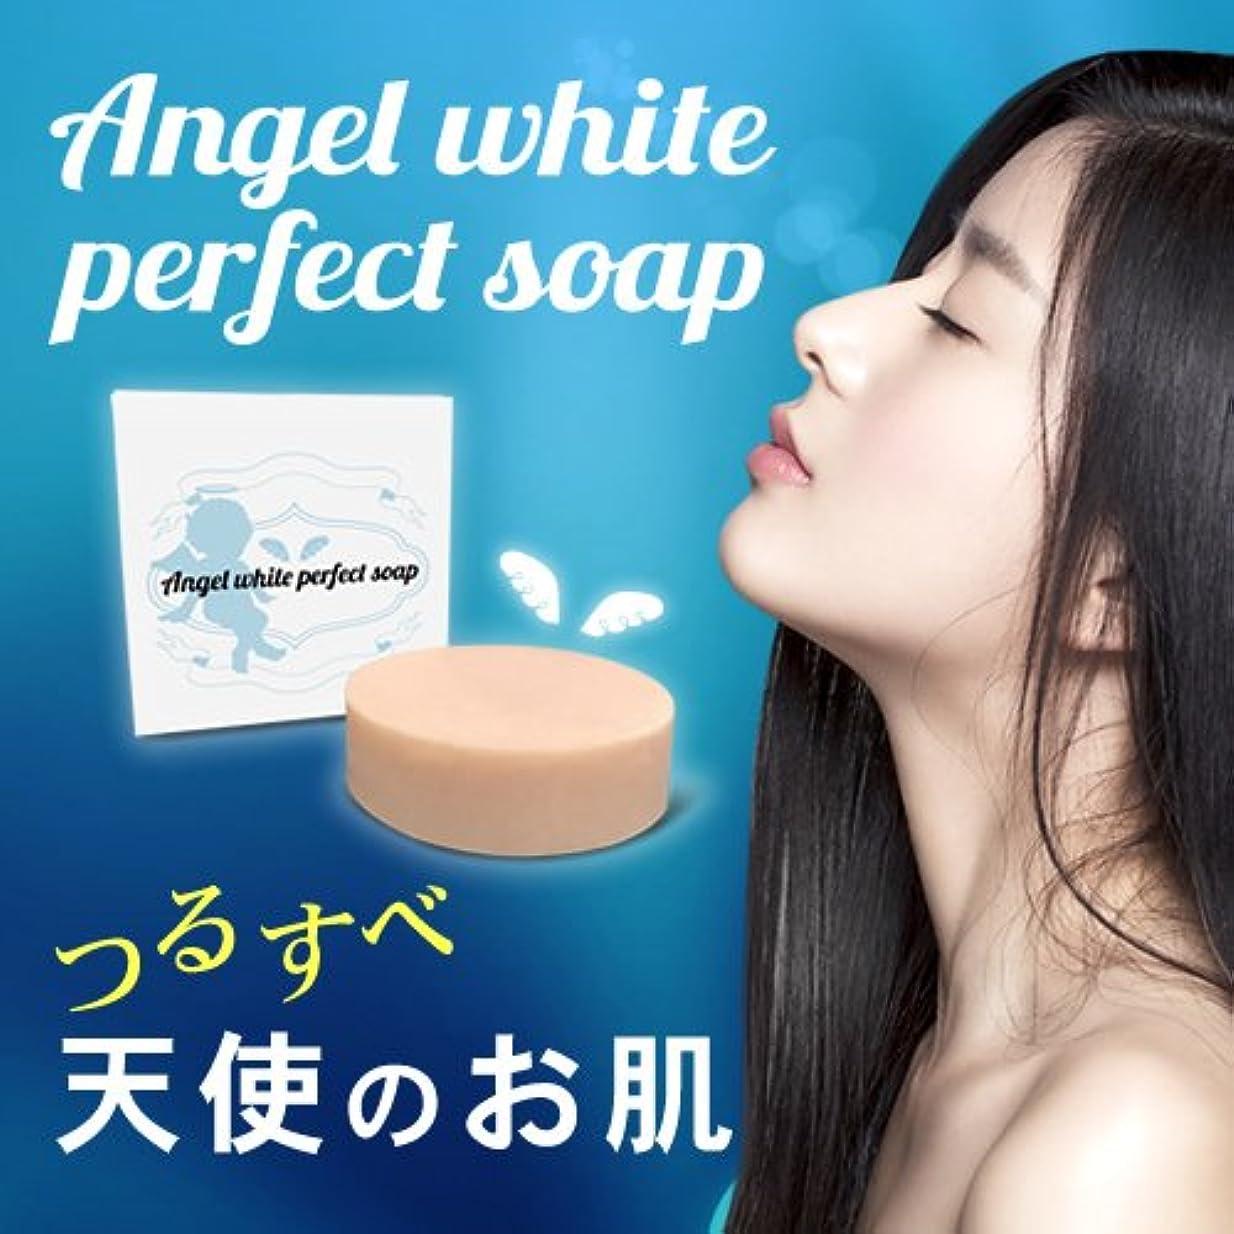 活気づける必要ない誓約Angel White Perfect Soap(エンジェルホワイトパーフェクトソープ) 美白 美白石けん 美肌 洗顔石鹸